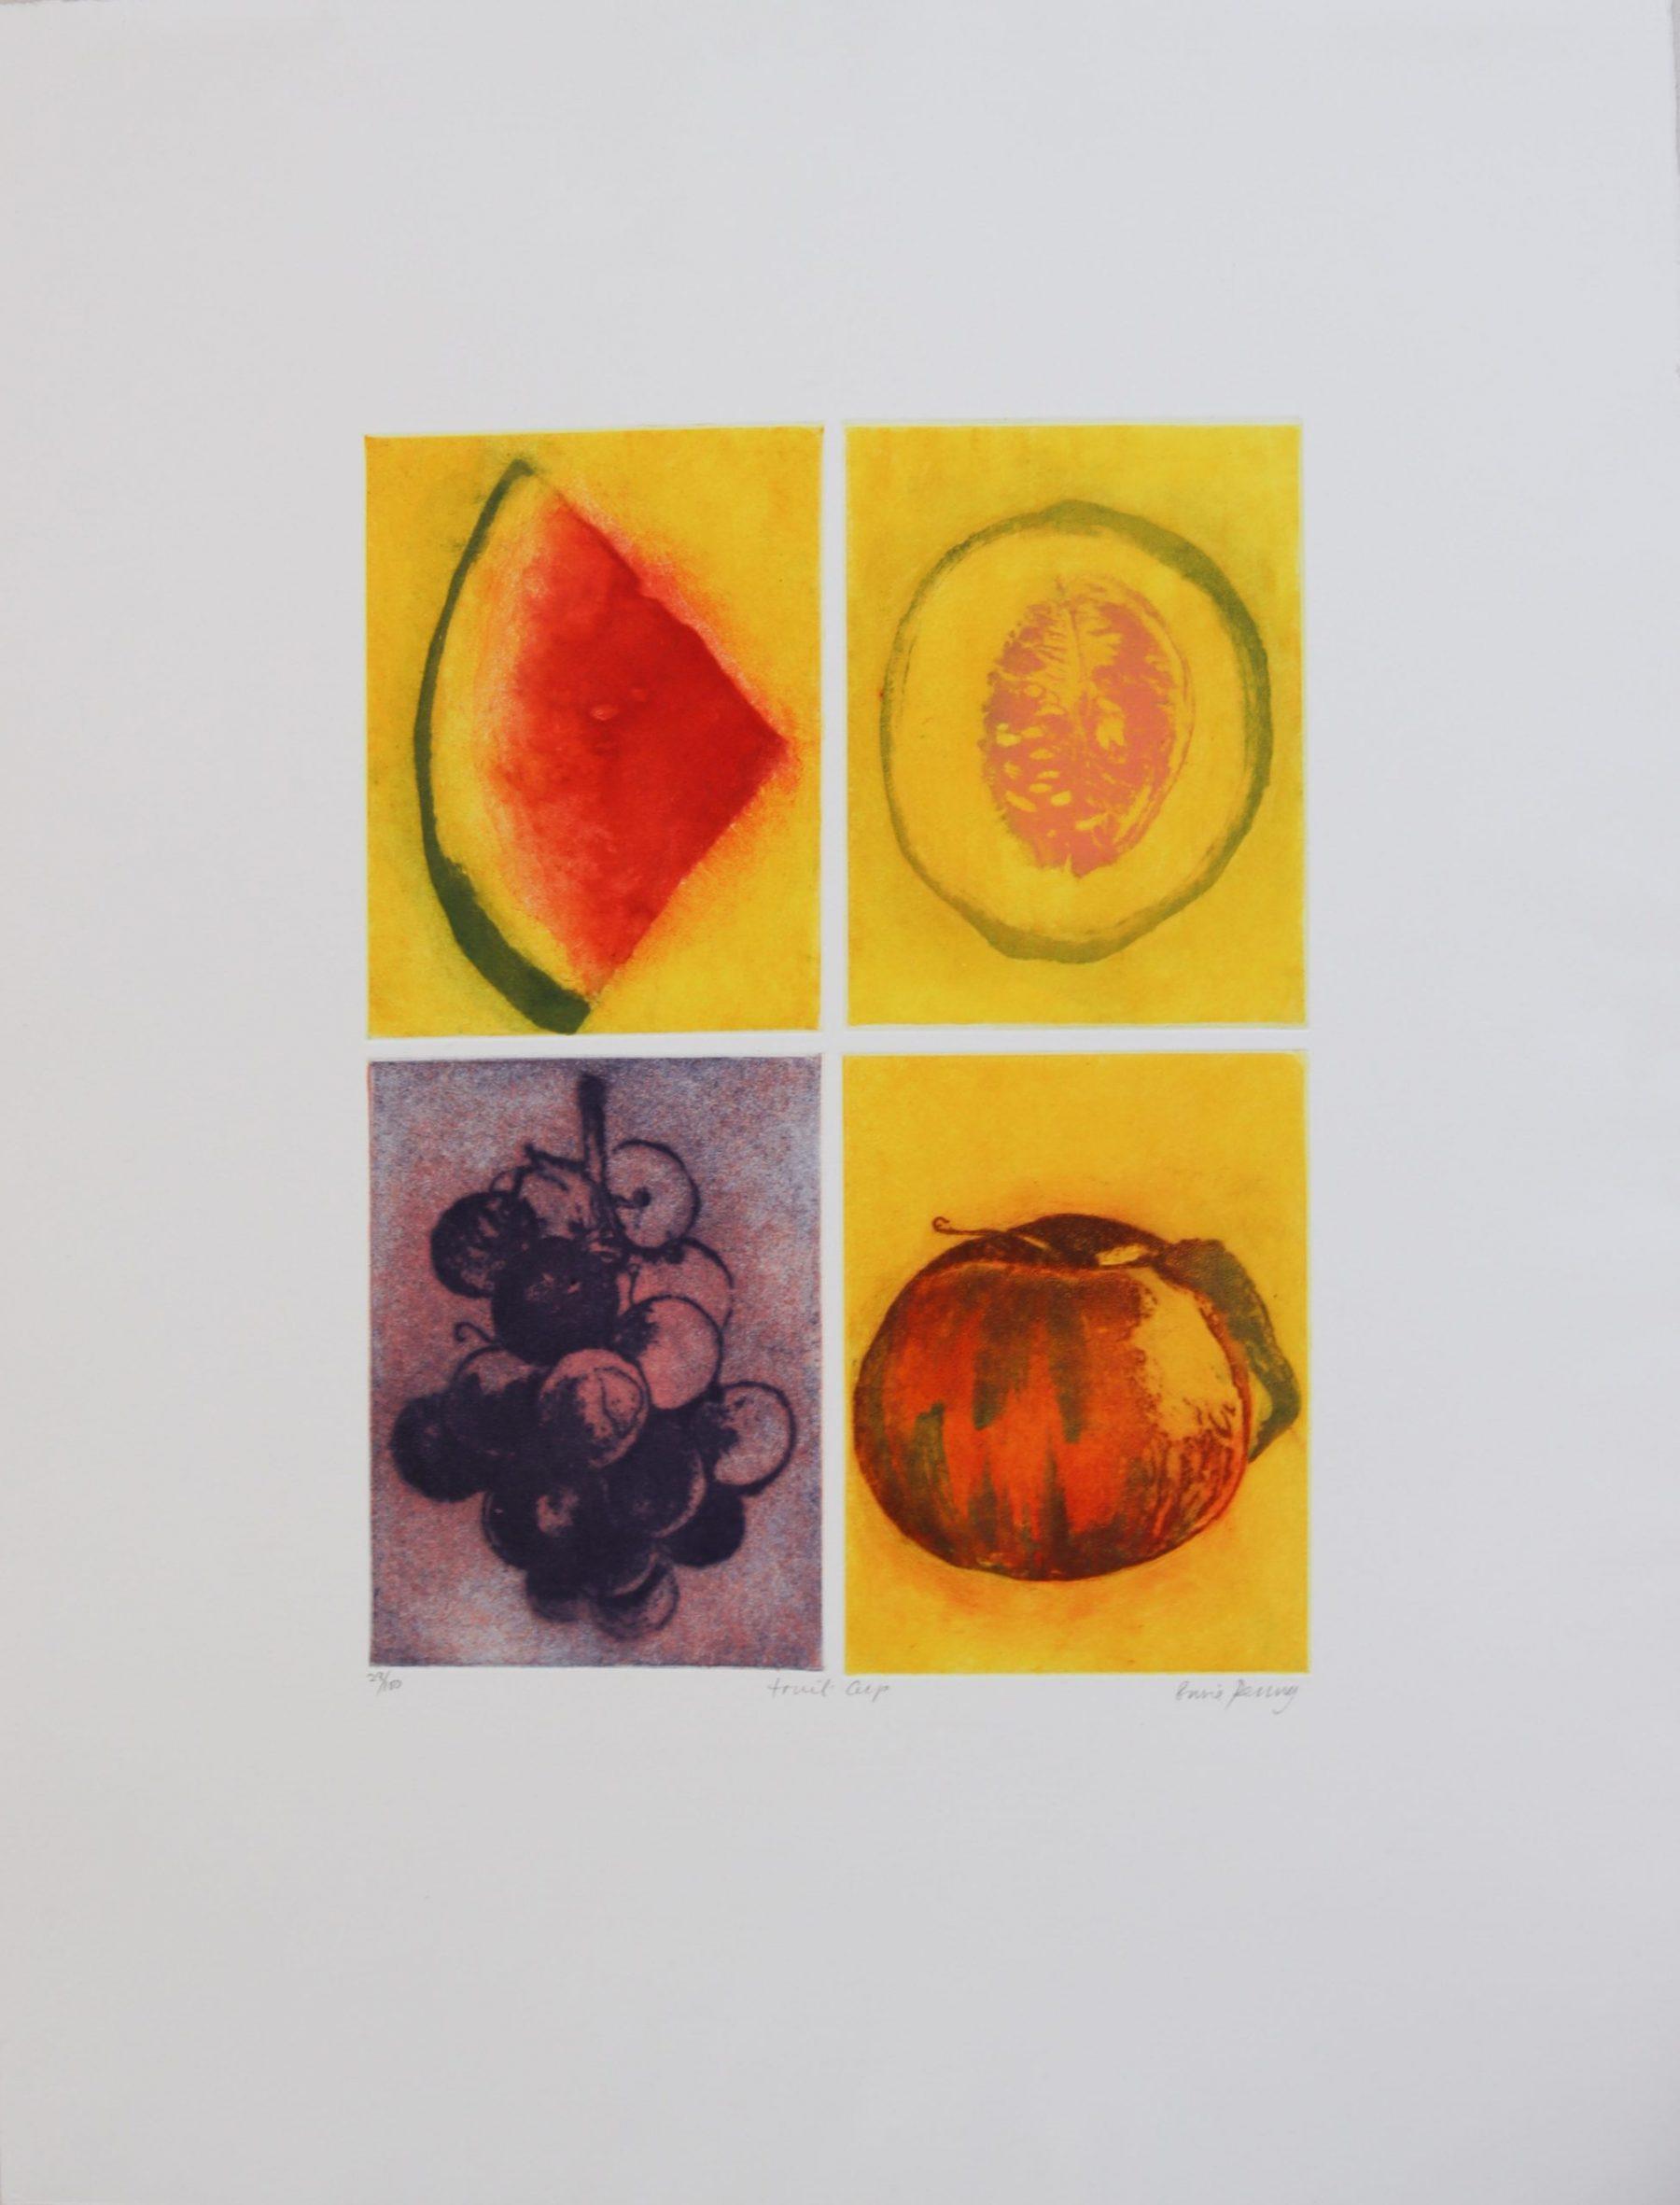 Fruit cup - Perring, Susie - k-11740